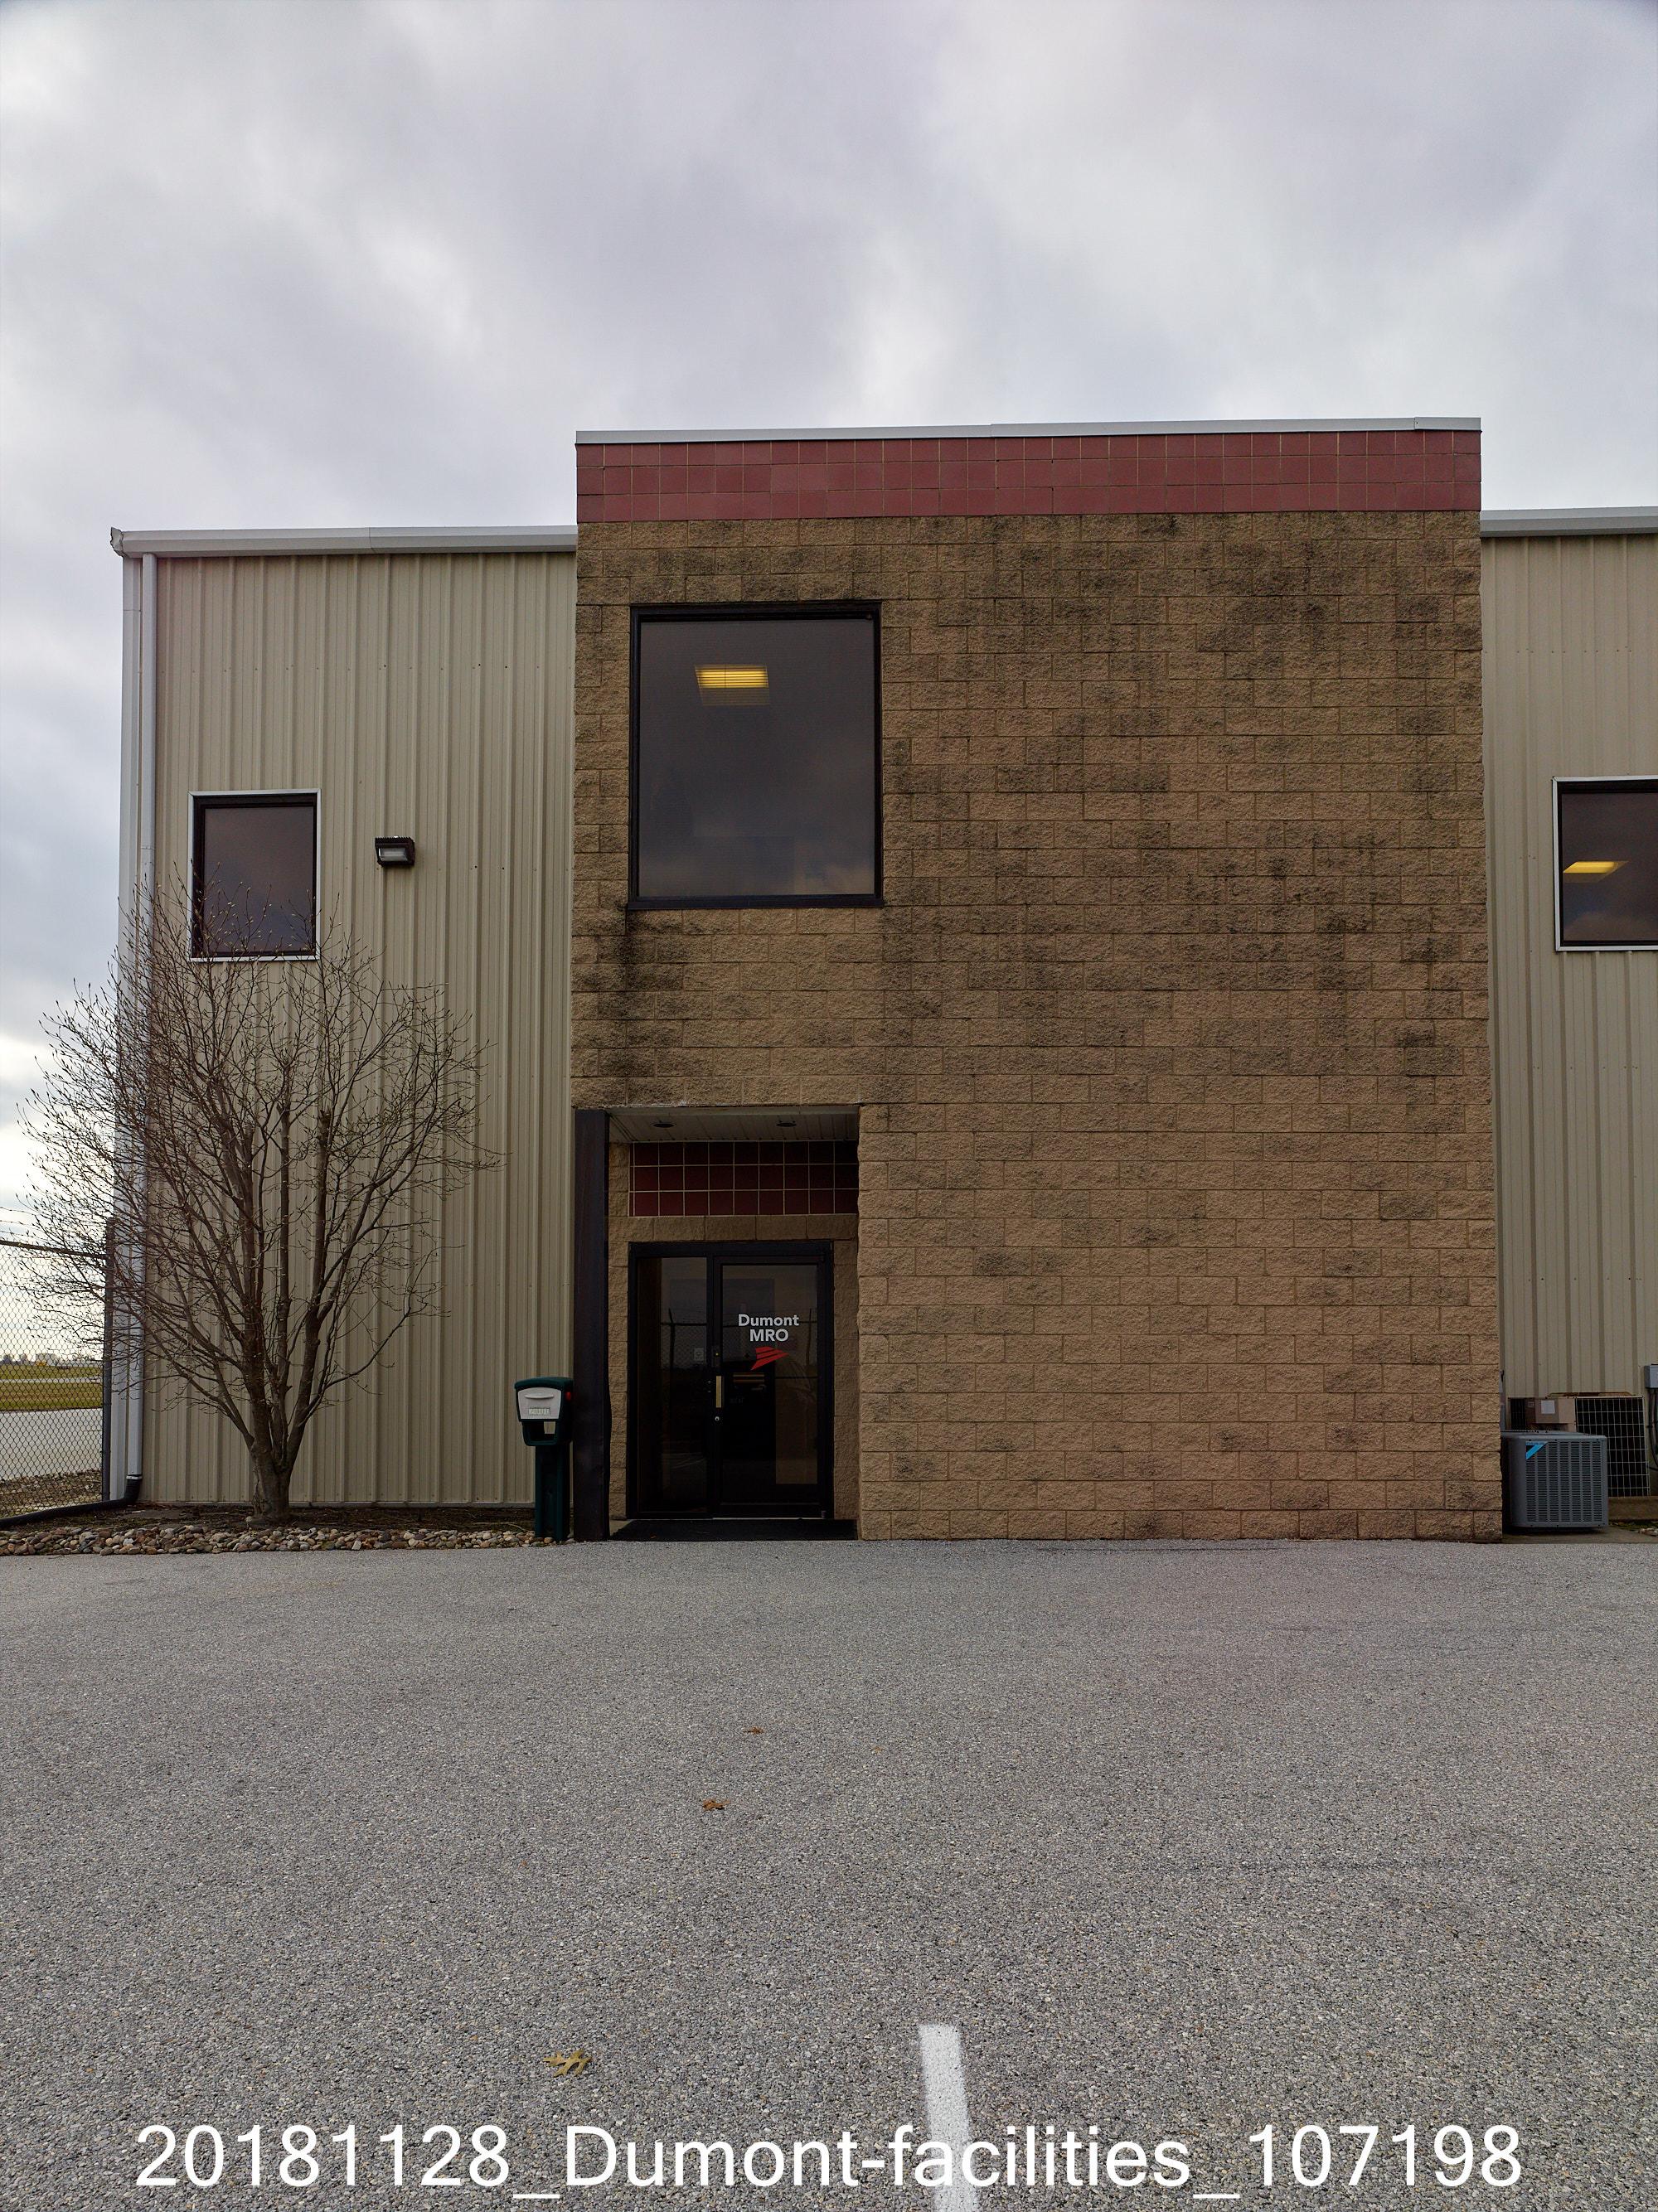 20181128_Dumont-facilities_107198.jpg